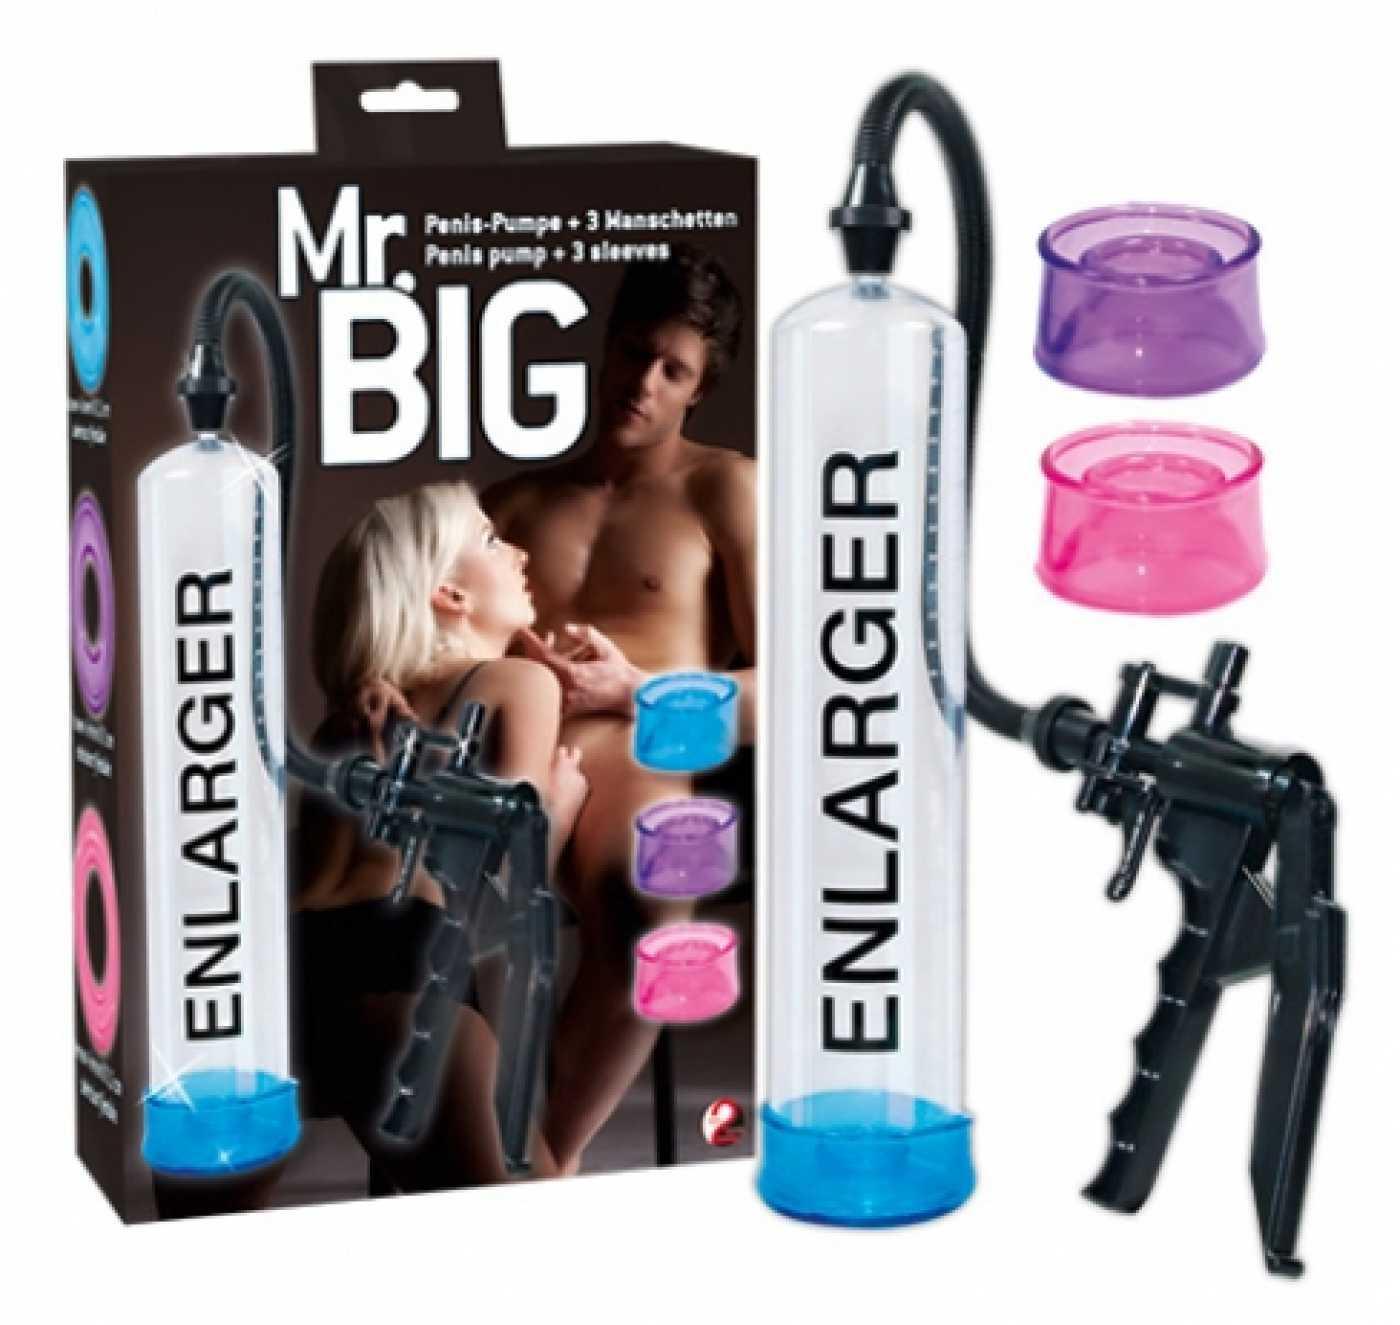 Помпа для пениса Mr.Big